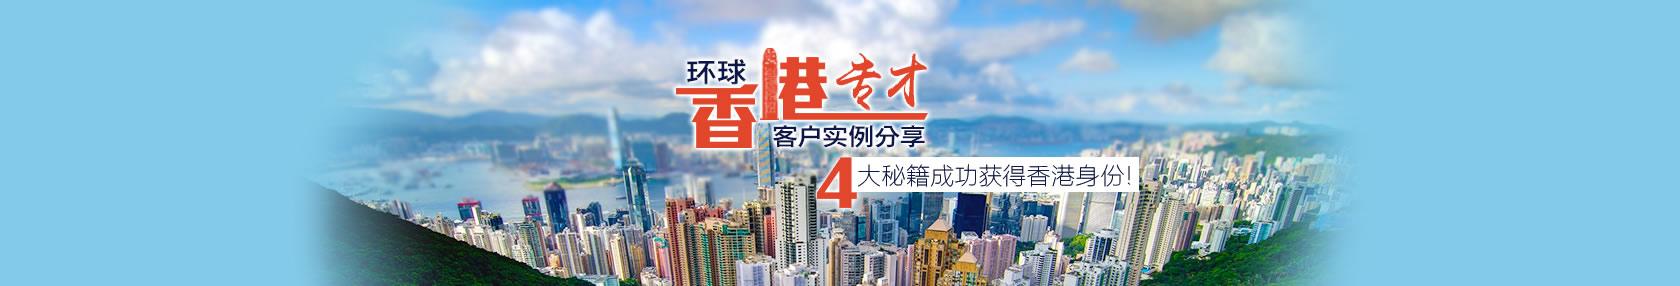 【香港专才】环球出国客户实例分享,四大秘籍如何成功获得香港身份!